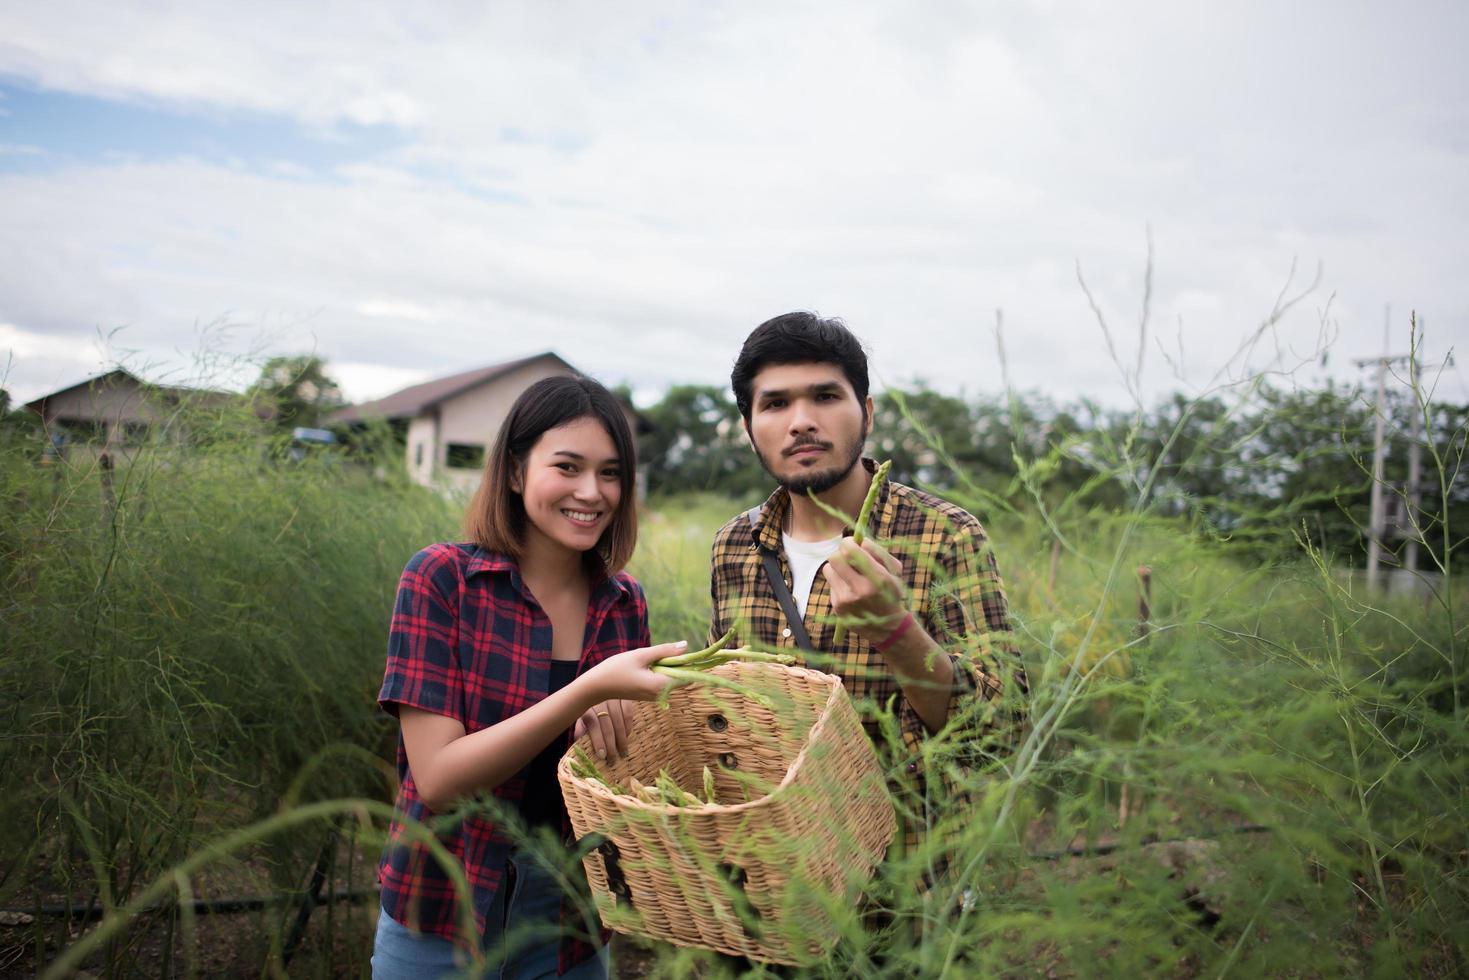 junges Bauernpaar, das frischen Spargel erntet foto